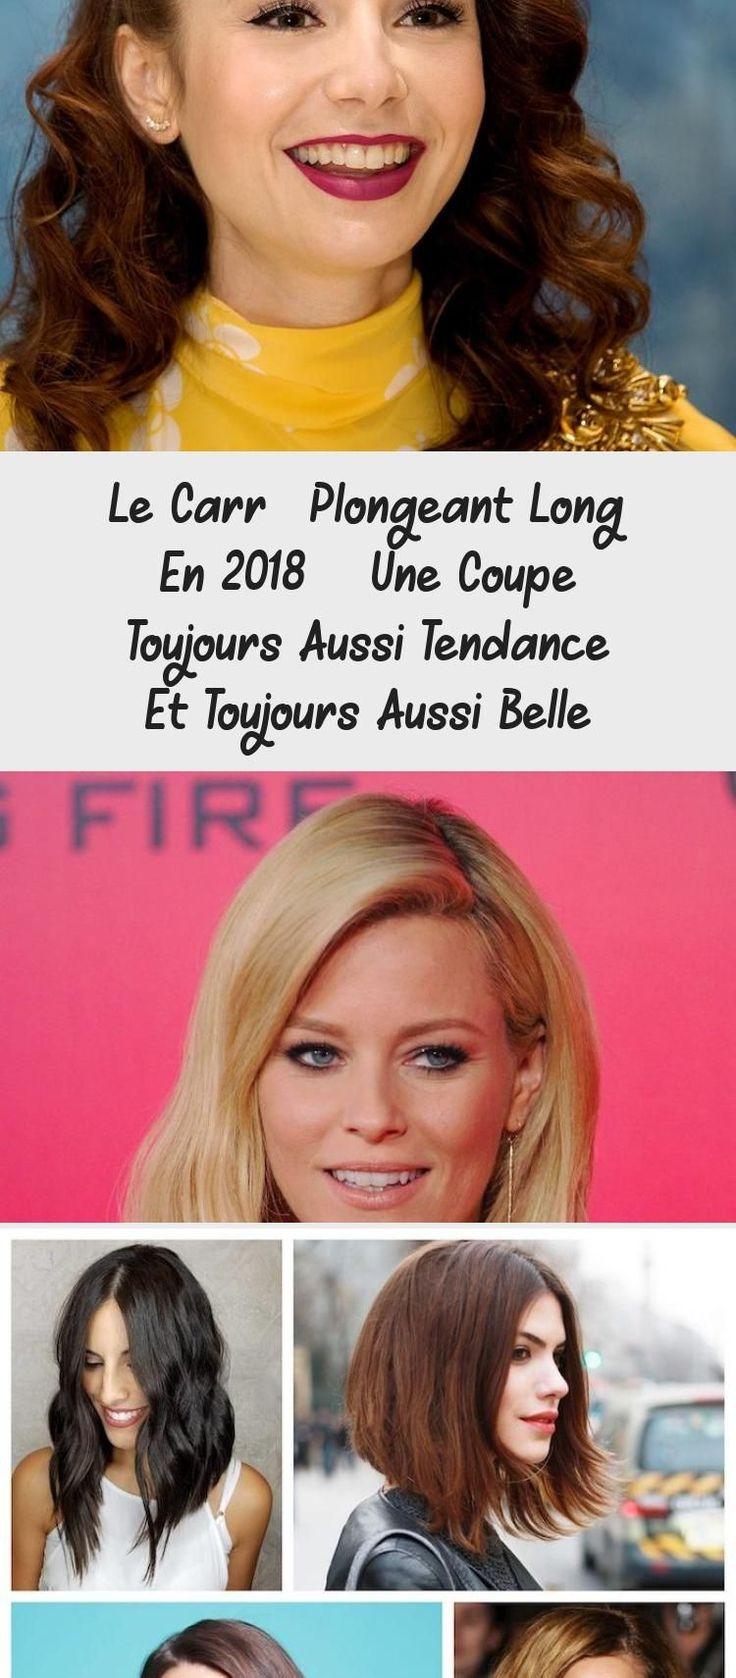 Le Carré Plongeant Long En 2018 - Une Coupe Toujours Aussi Tendance Et Toujours Aussi Belle ...